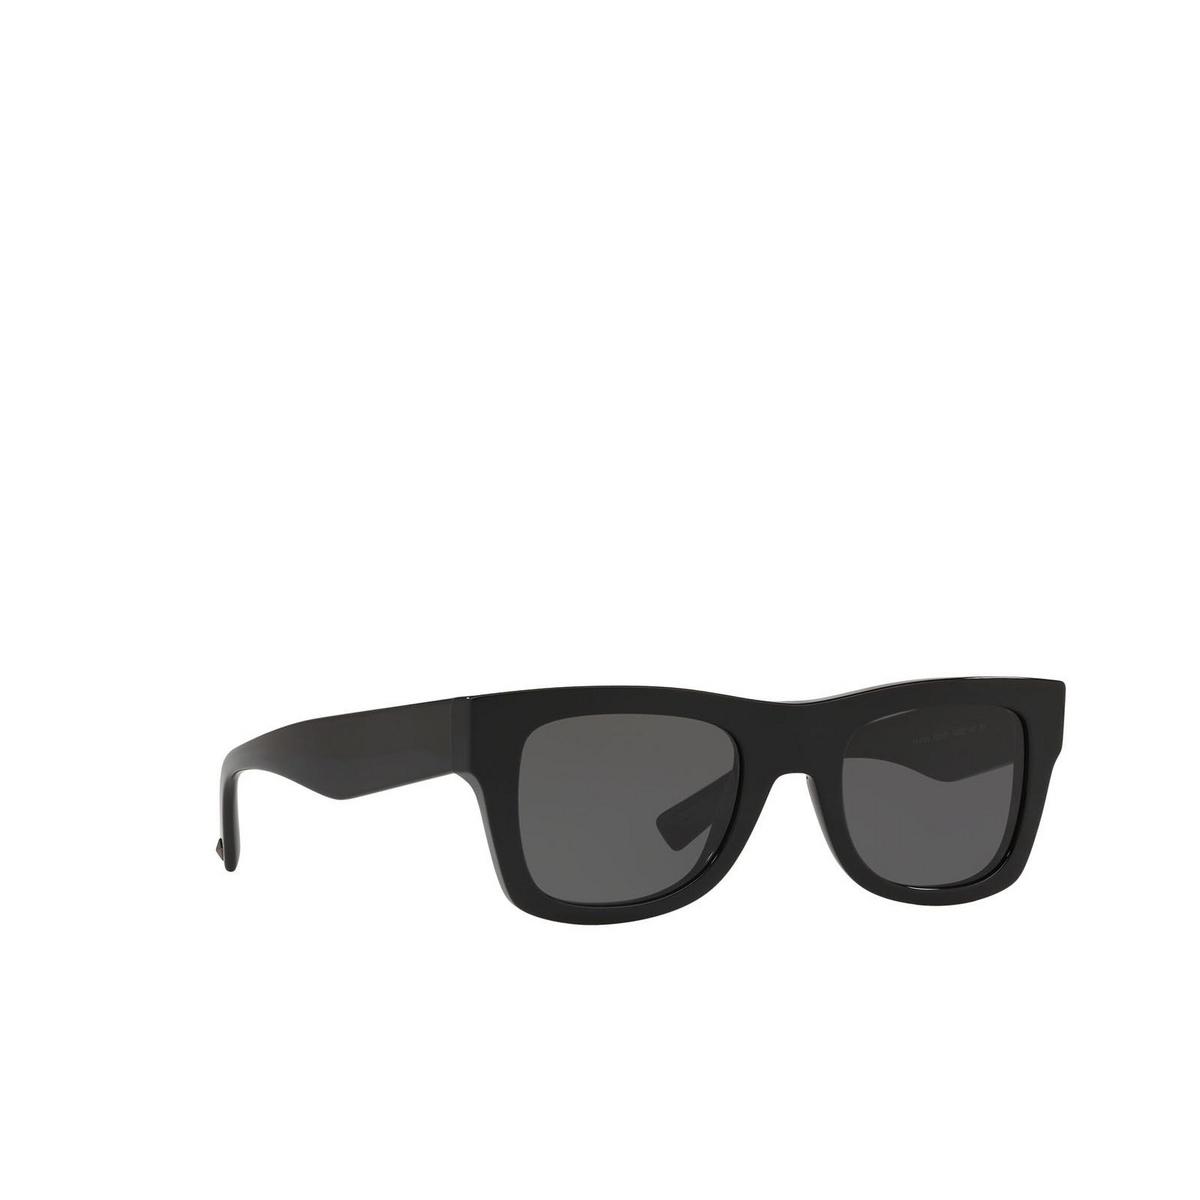 Valentino® Square Sunglasses: VA4045 color Black 500187.